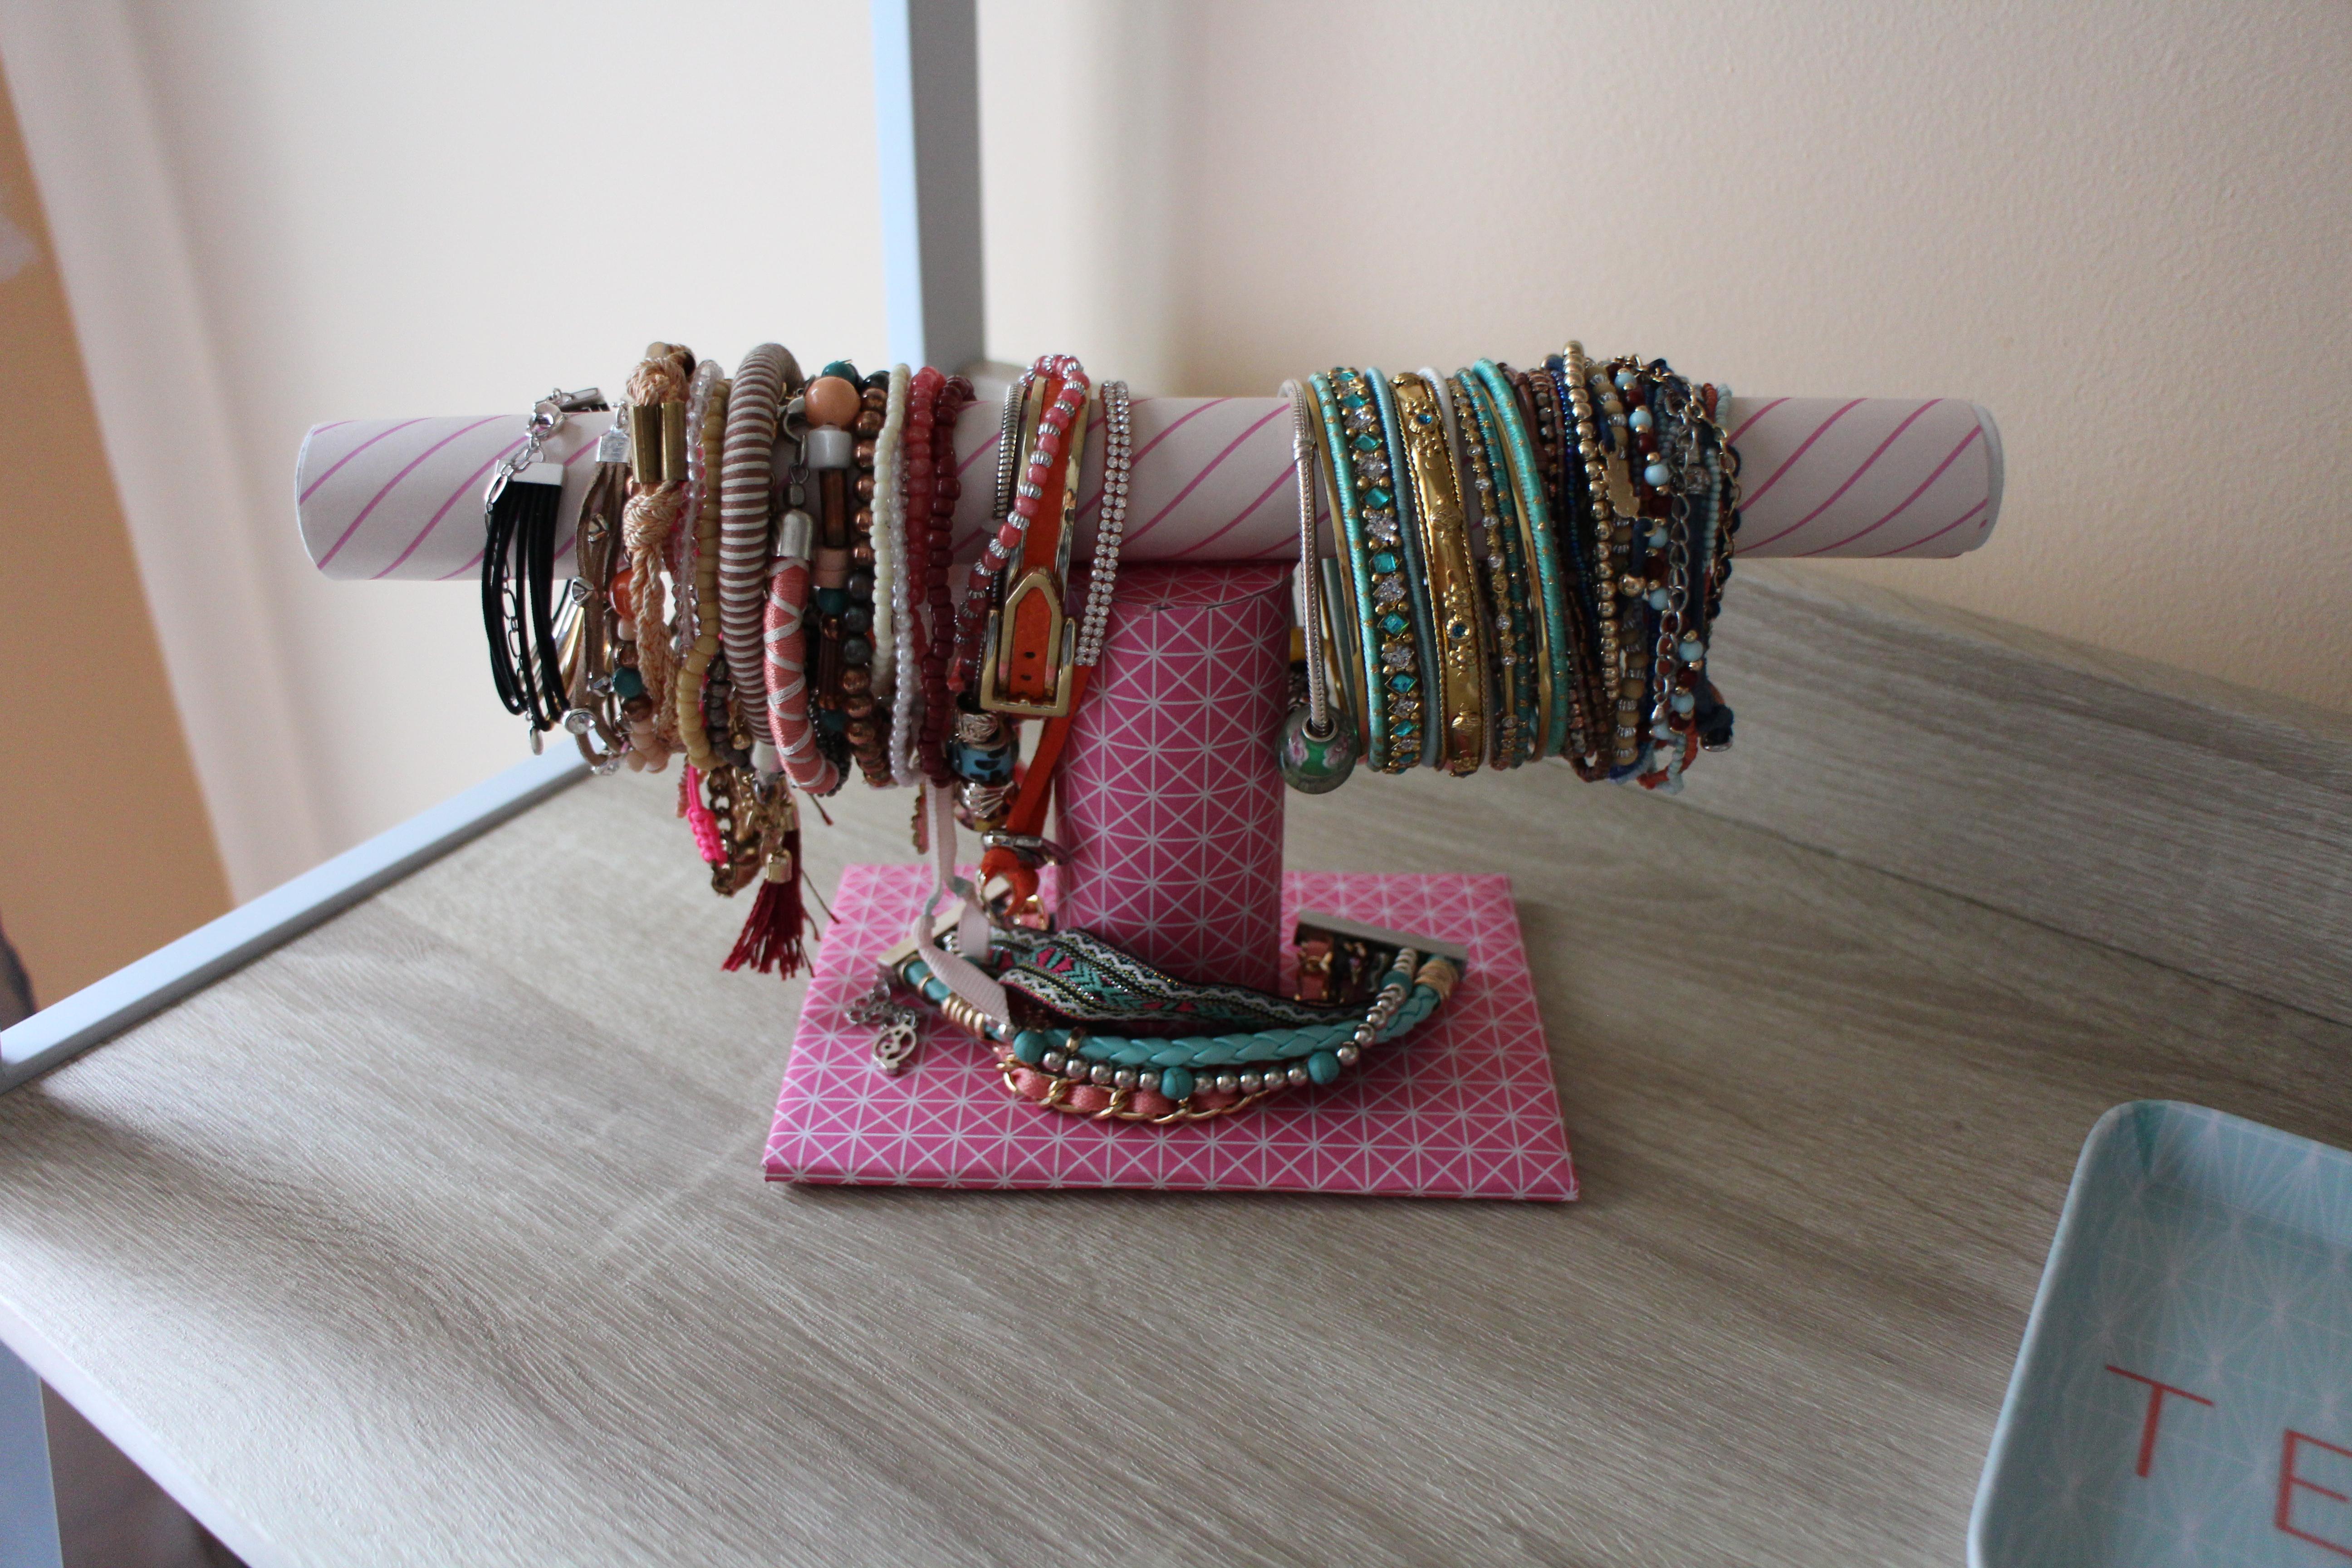 Diy Comment Fabriquer Un Porte Bracelet Les Plaisirs D 39 Audrey